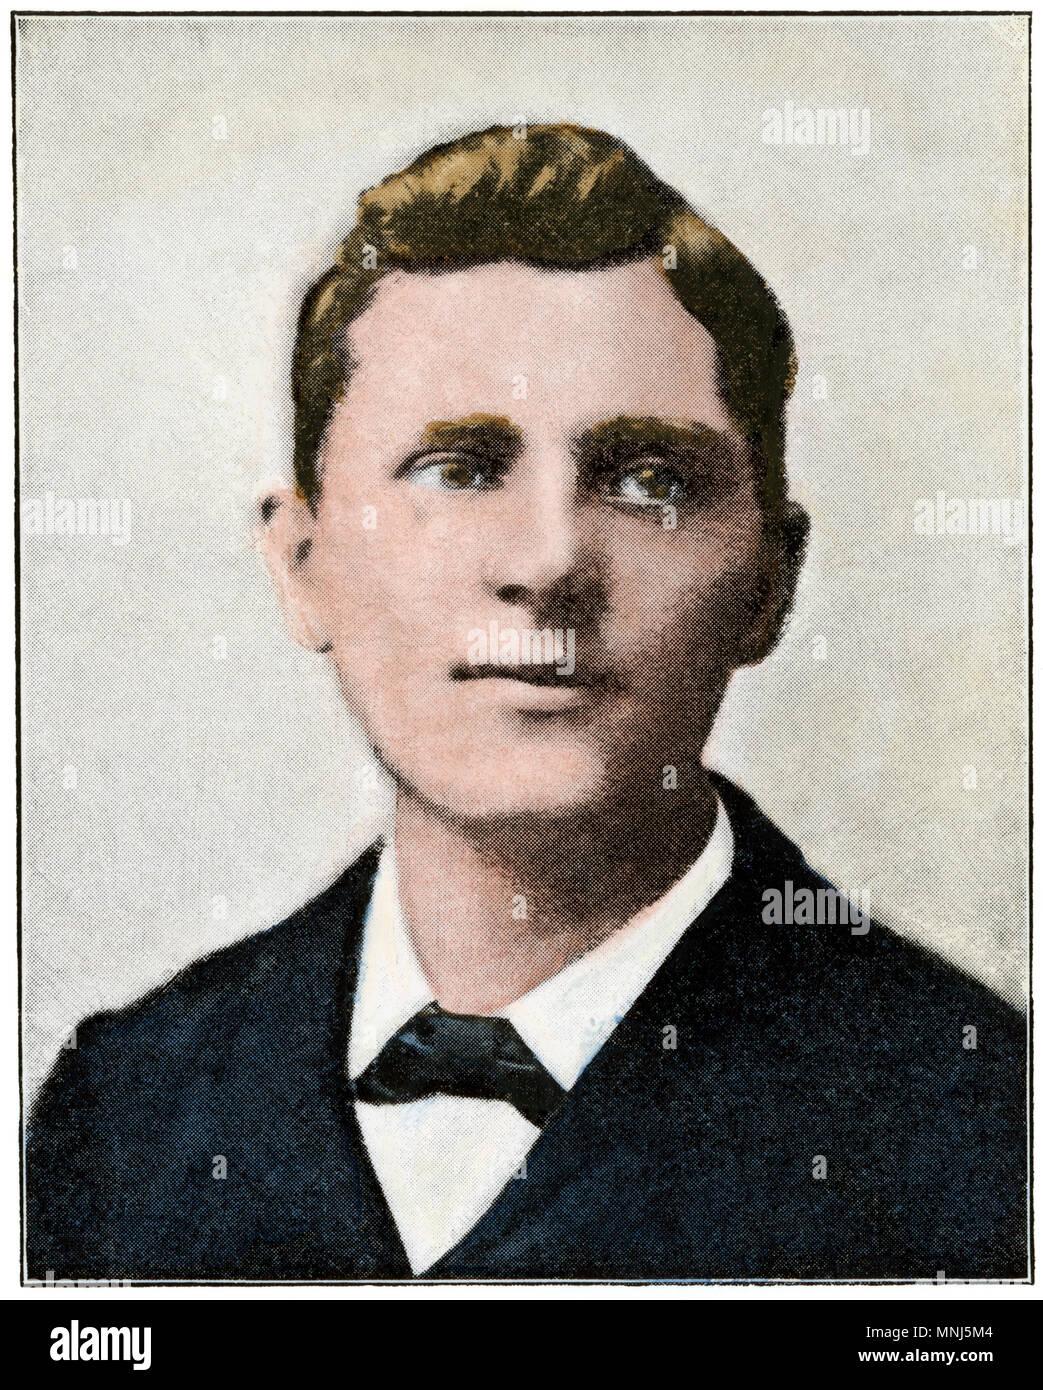 Leon Czolgosz, asesino del Presidente William McKinley en 1901. Medias tintas coloreadas a mano de una fotografía Foto de stock